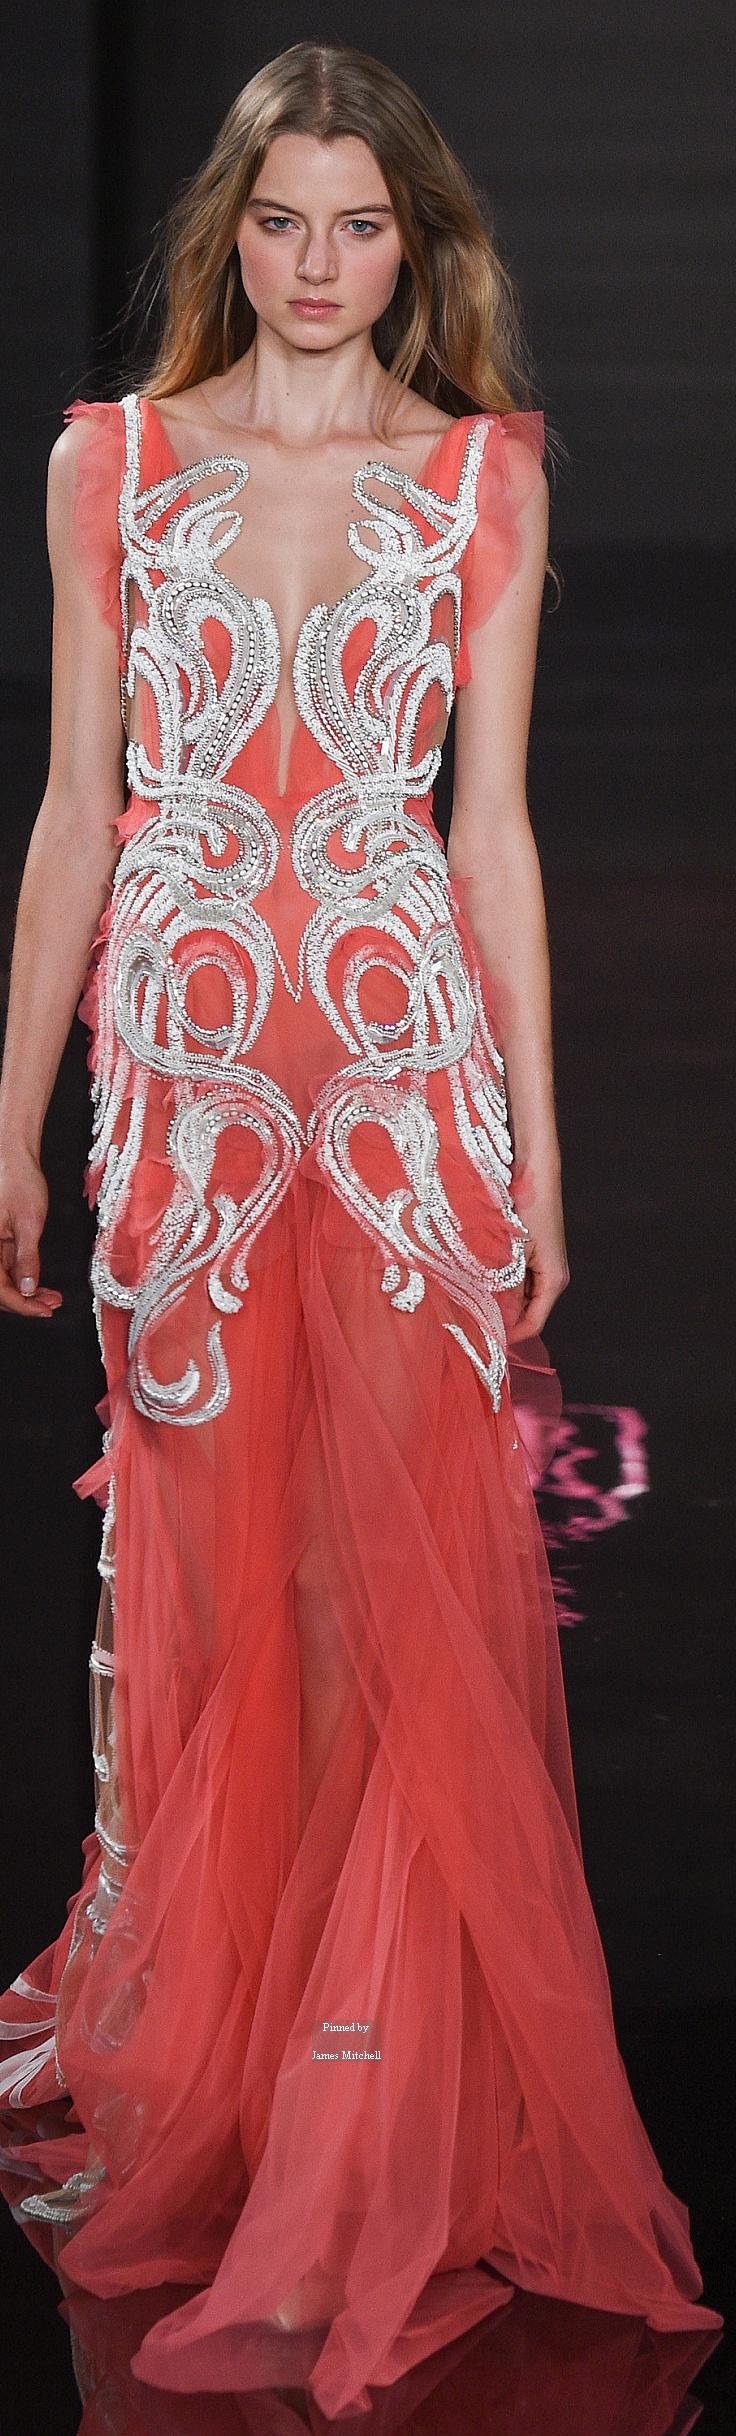 Excelente Vestidos De Dama Melocotón Coral Galería - Colección de ...